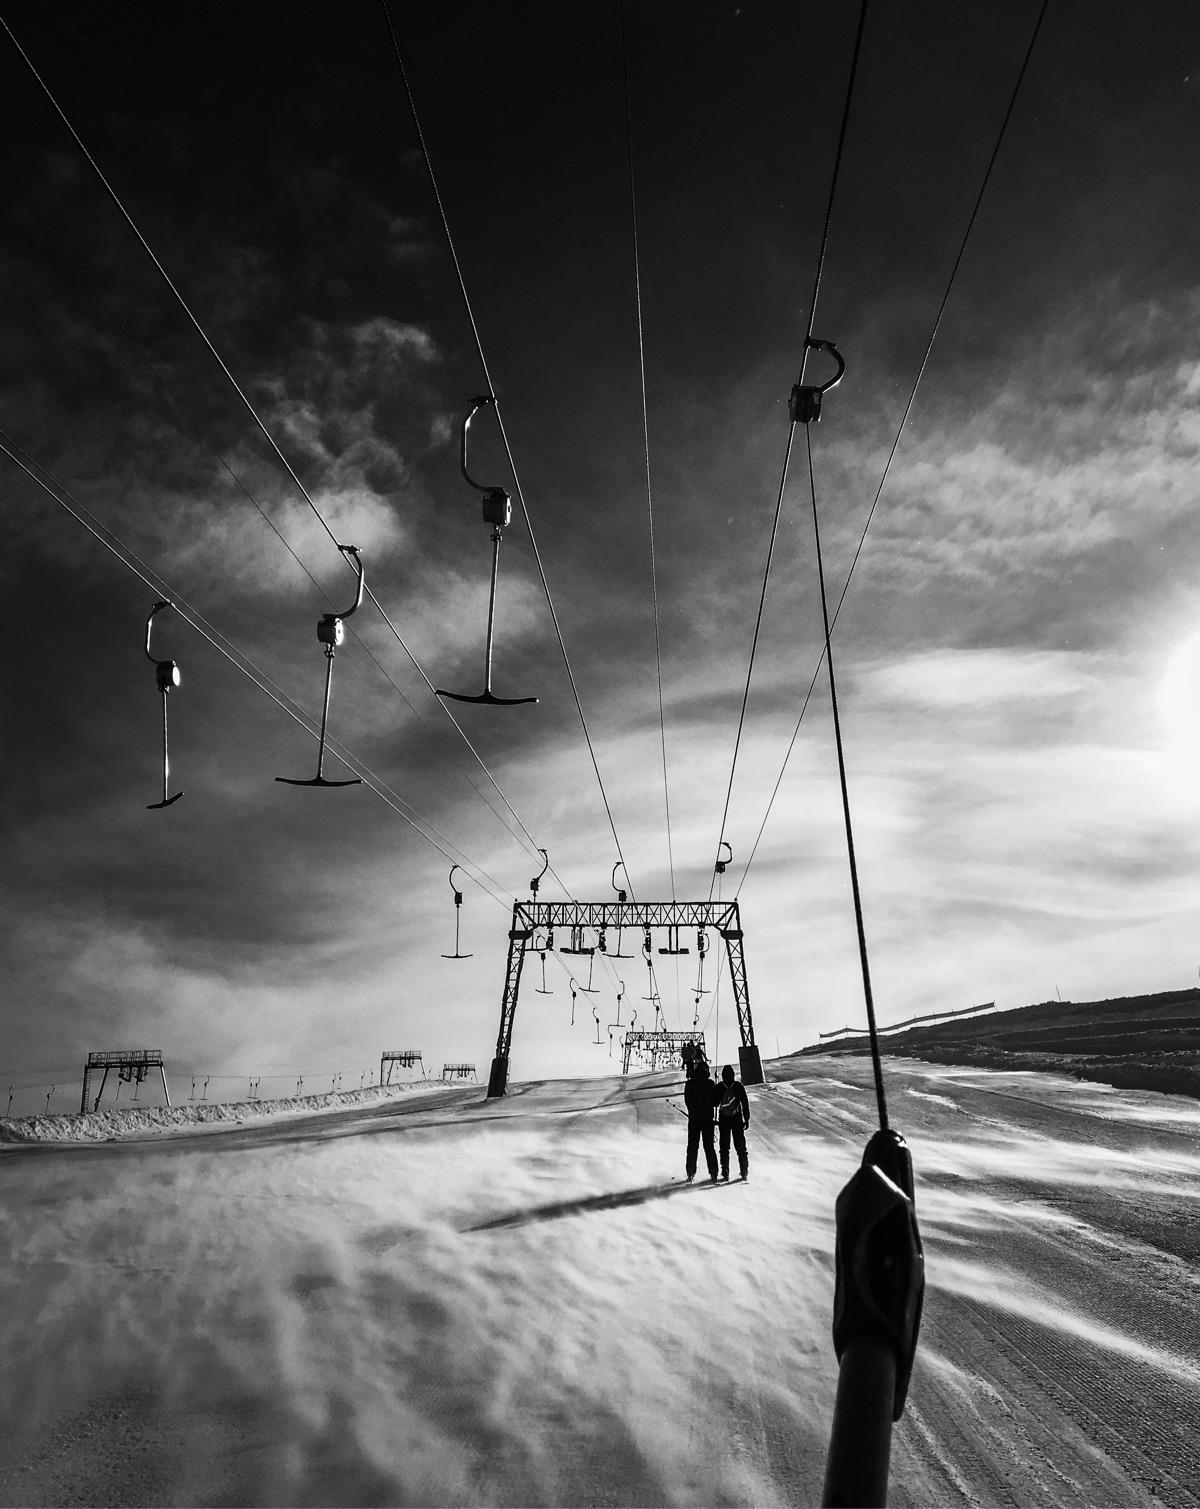 L2A - winter, snow, iphone, amateur - motyl | ello